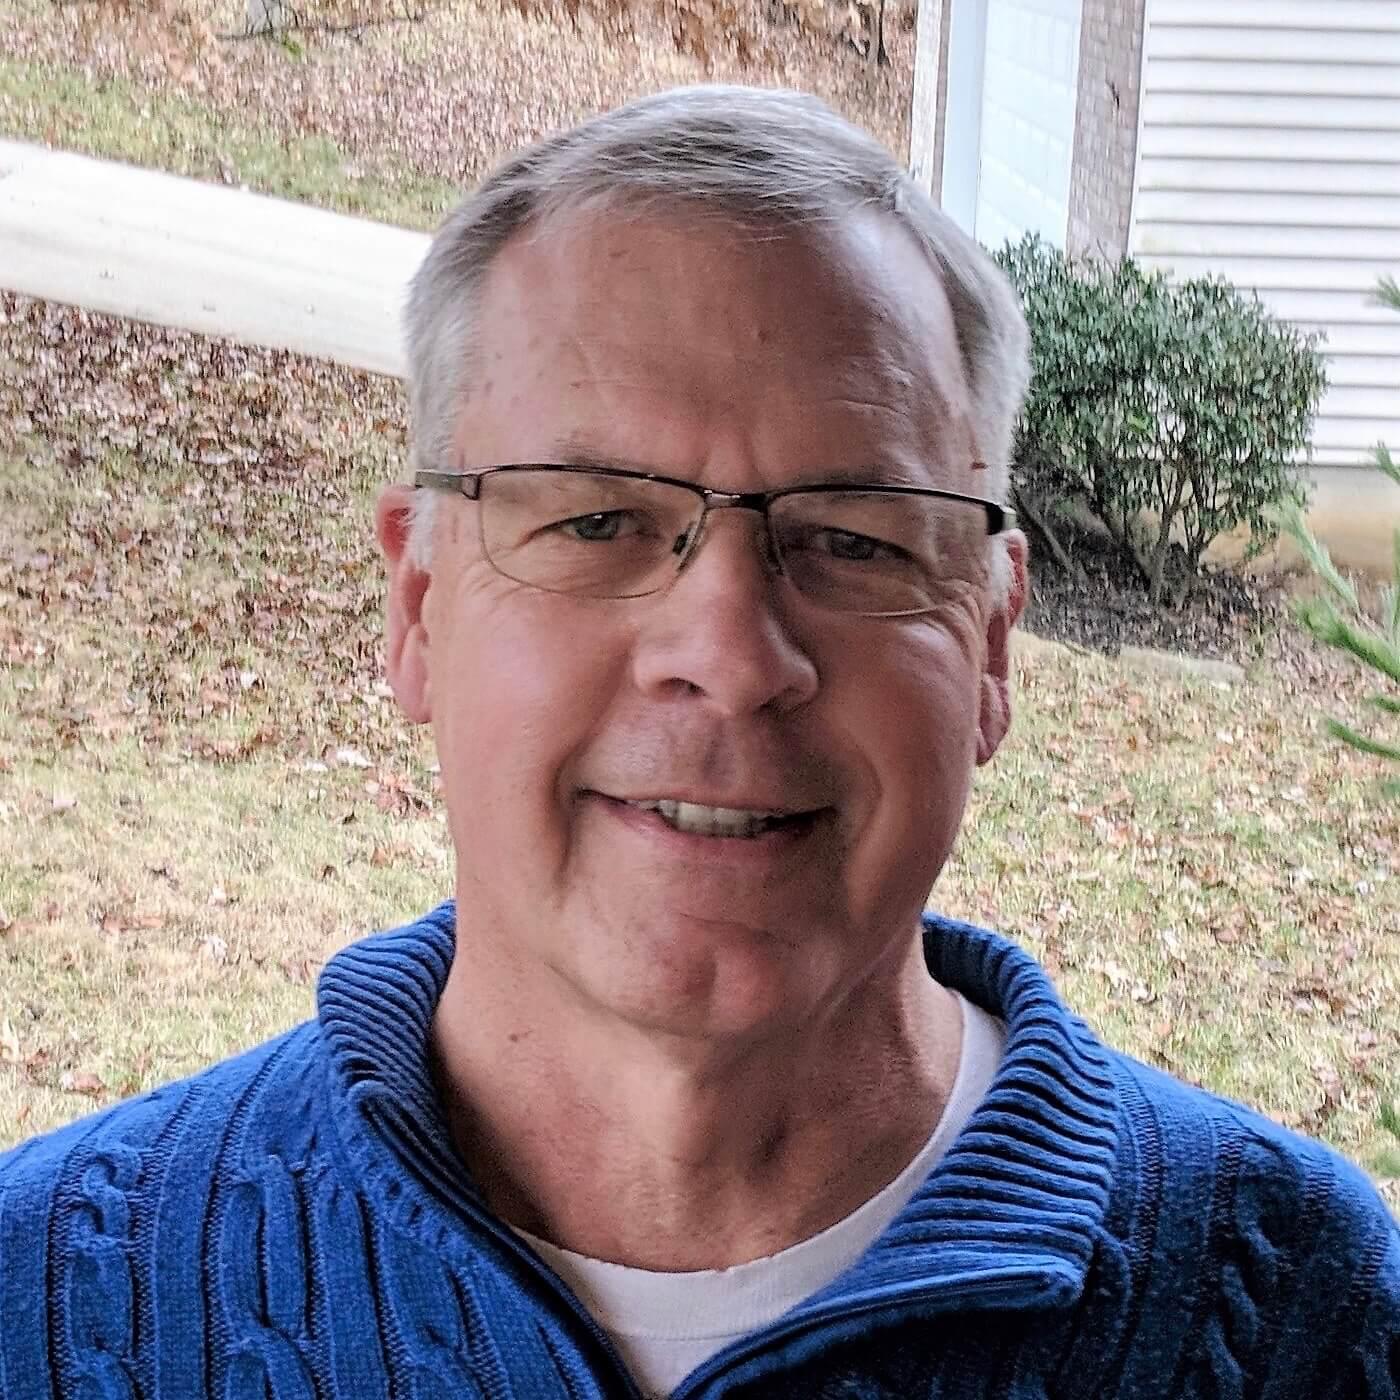 David Spinney